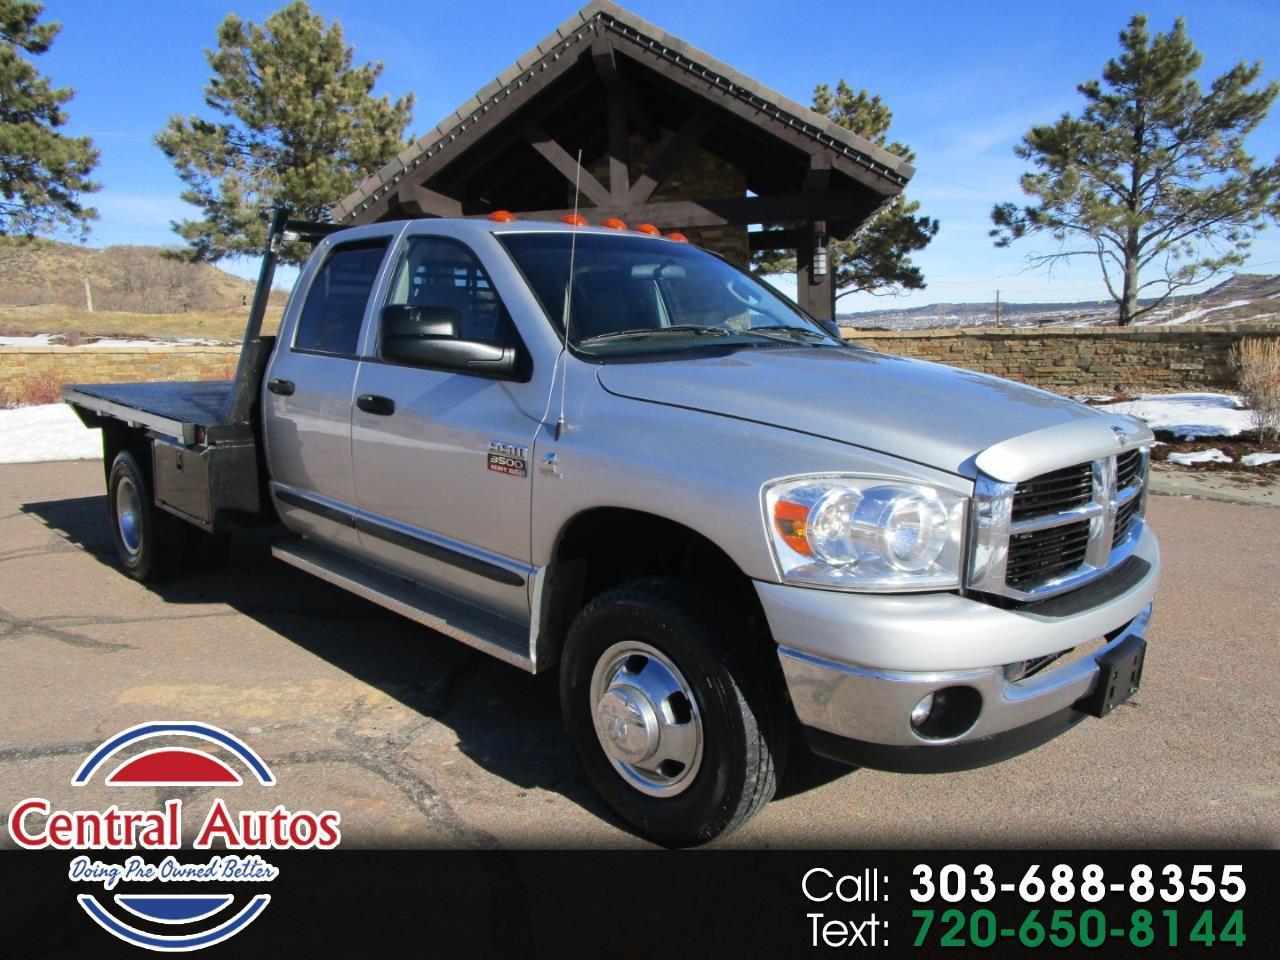 2007 Dodge Ram 3500 Truck 4x4 Quad Cab SLT DRW image